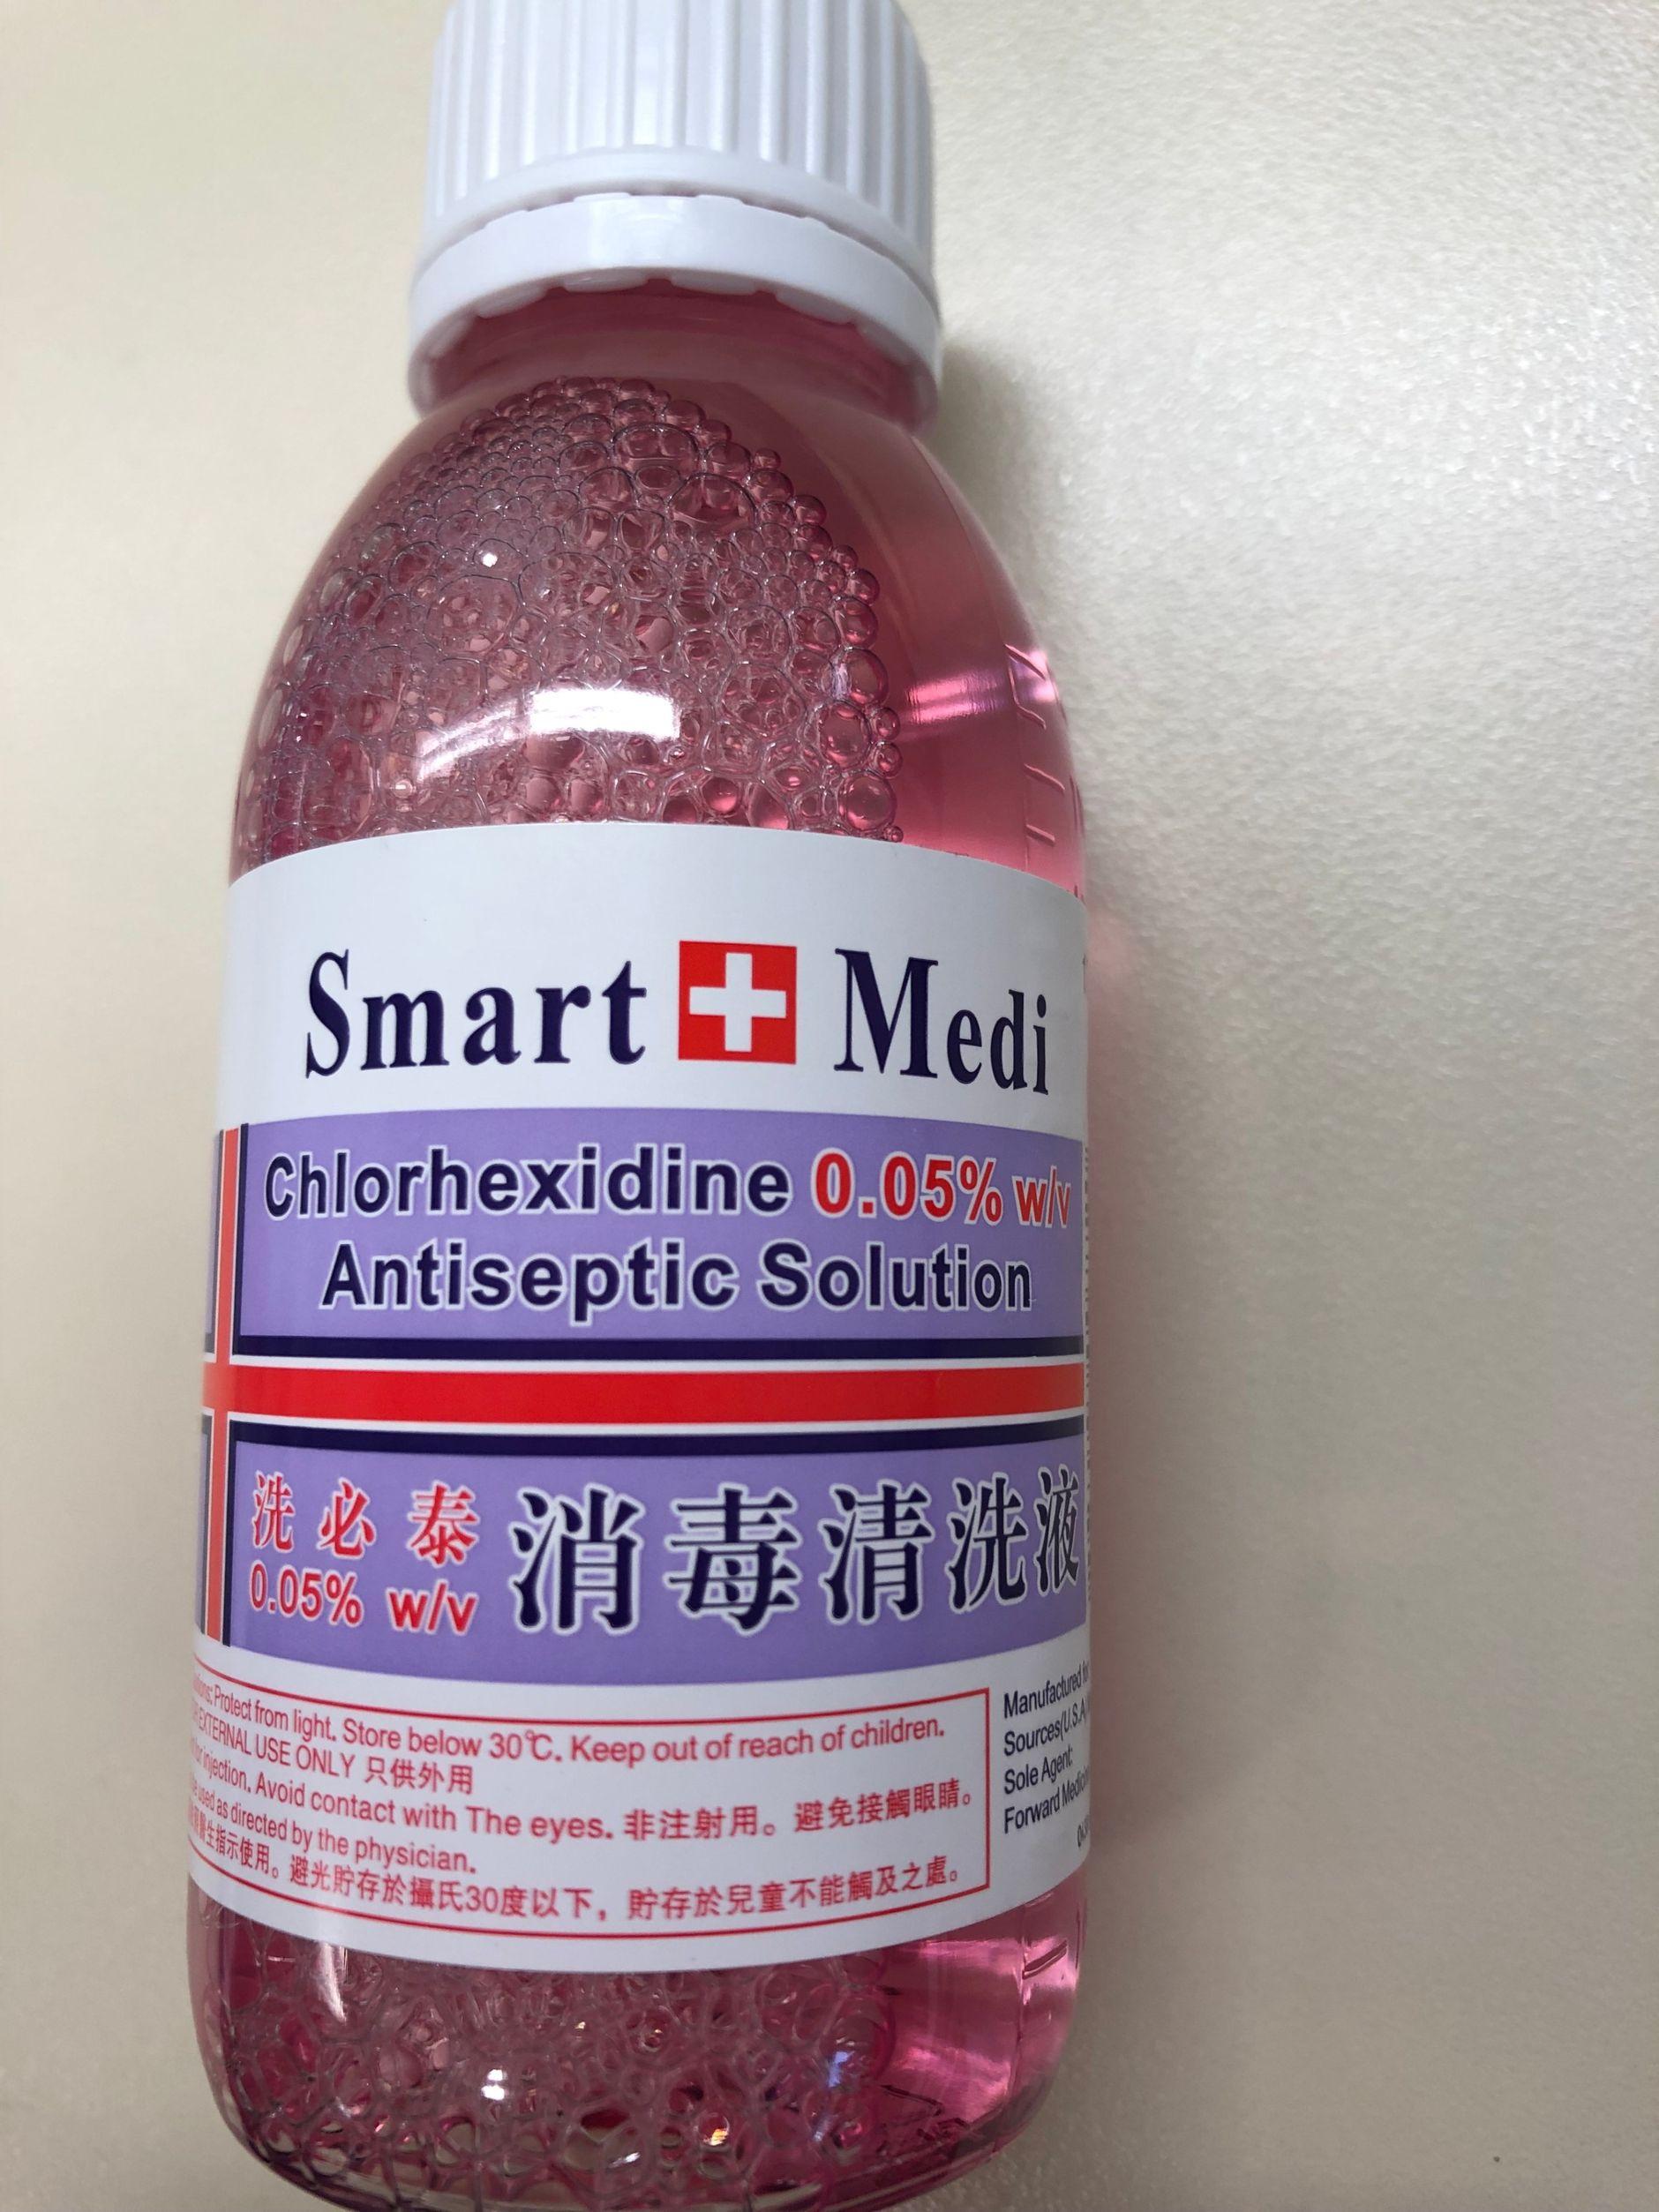 圖示產品Smart Medi洗必泰消毒清洗液。政府新聞處圖片